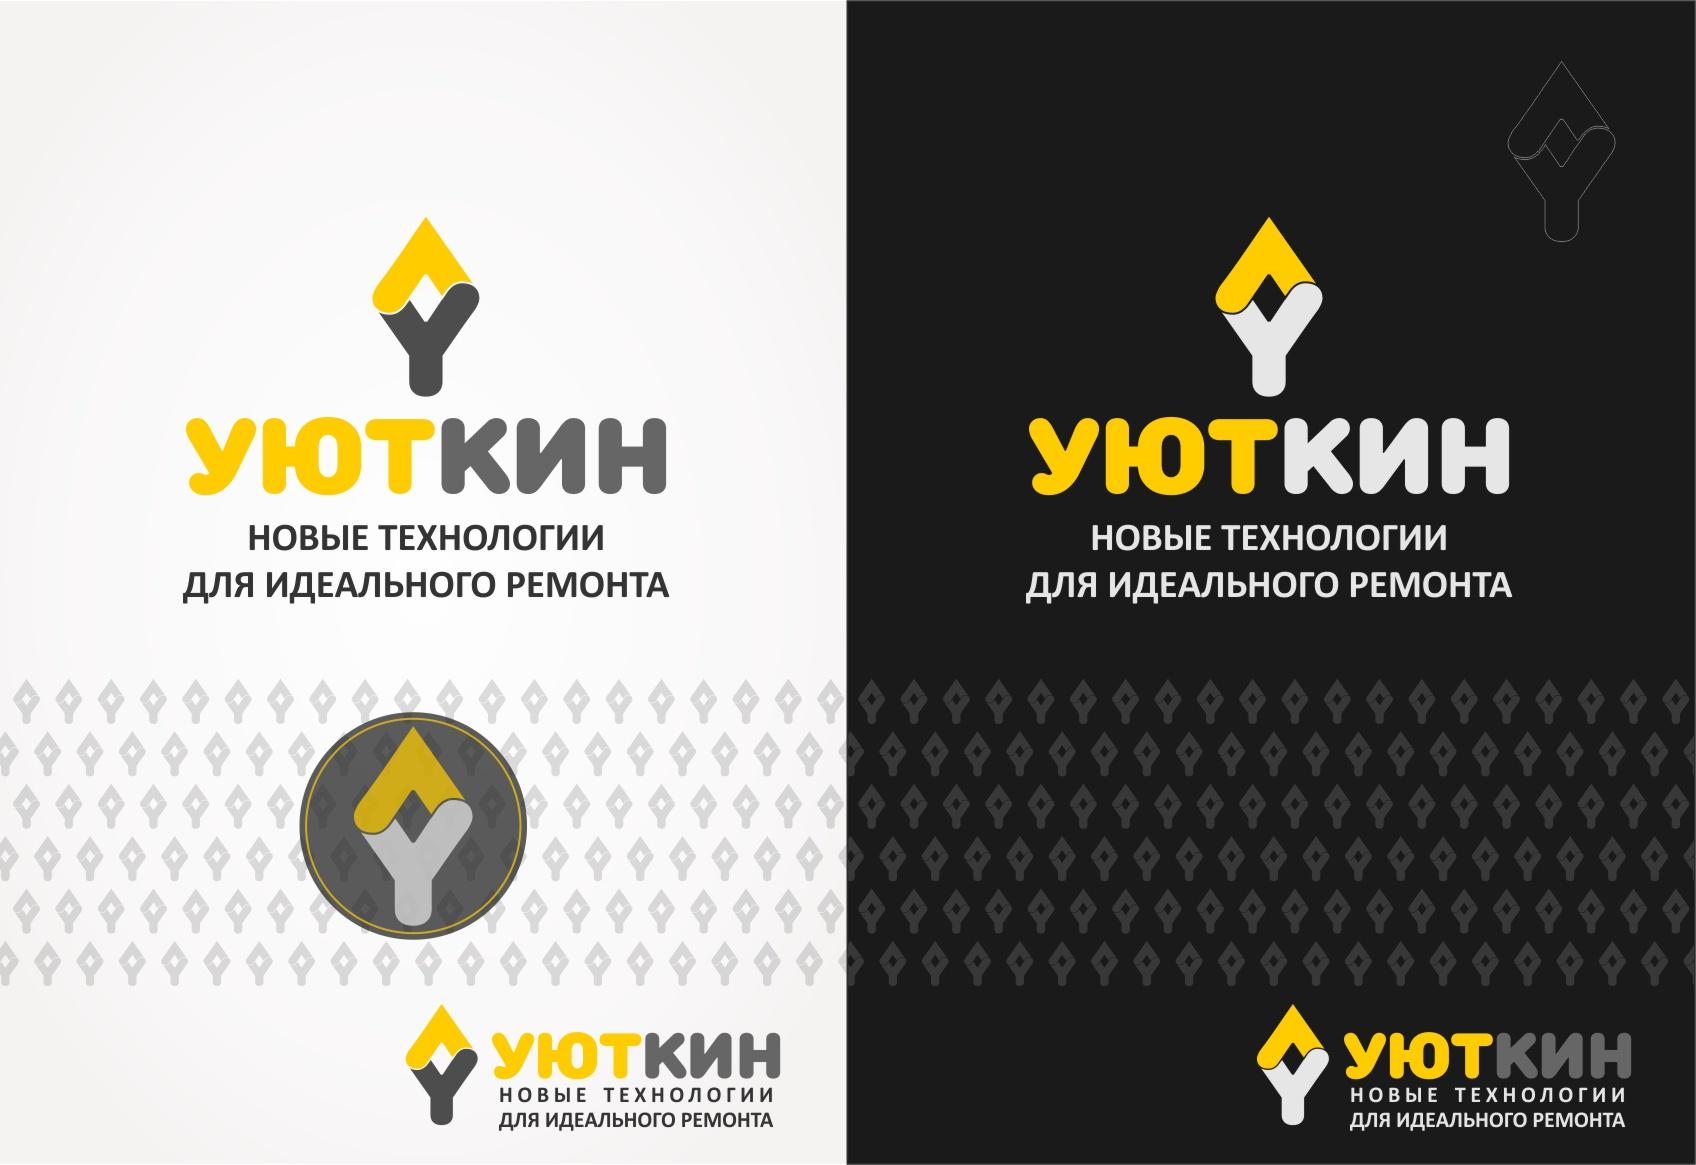 Создание логотипа и стиля сайта фото f_4745c629078794a0.jpg